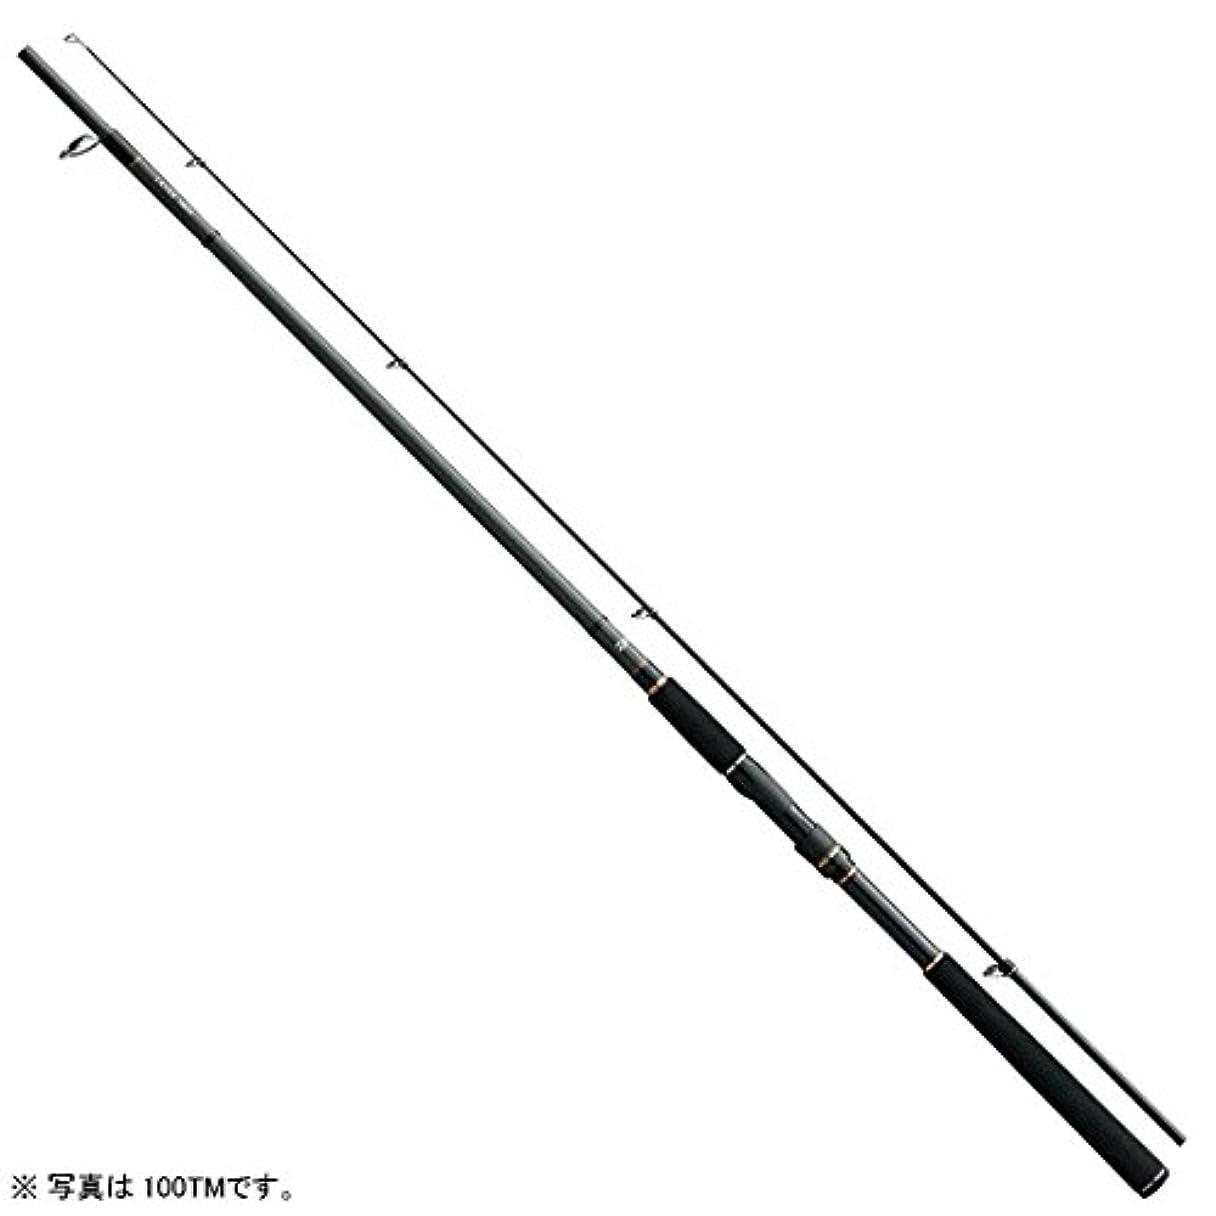 上向きそこからびんダイワ(Daiwa) シーバスロッド スピニング ラテオ 100TM?Q 釣り竿